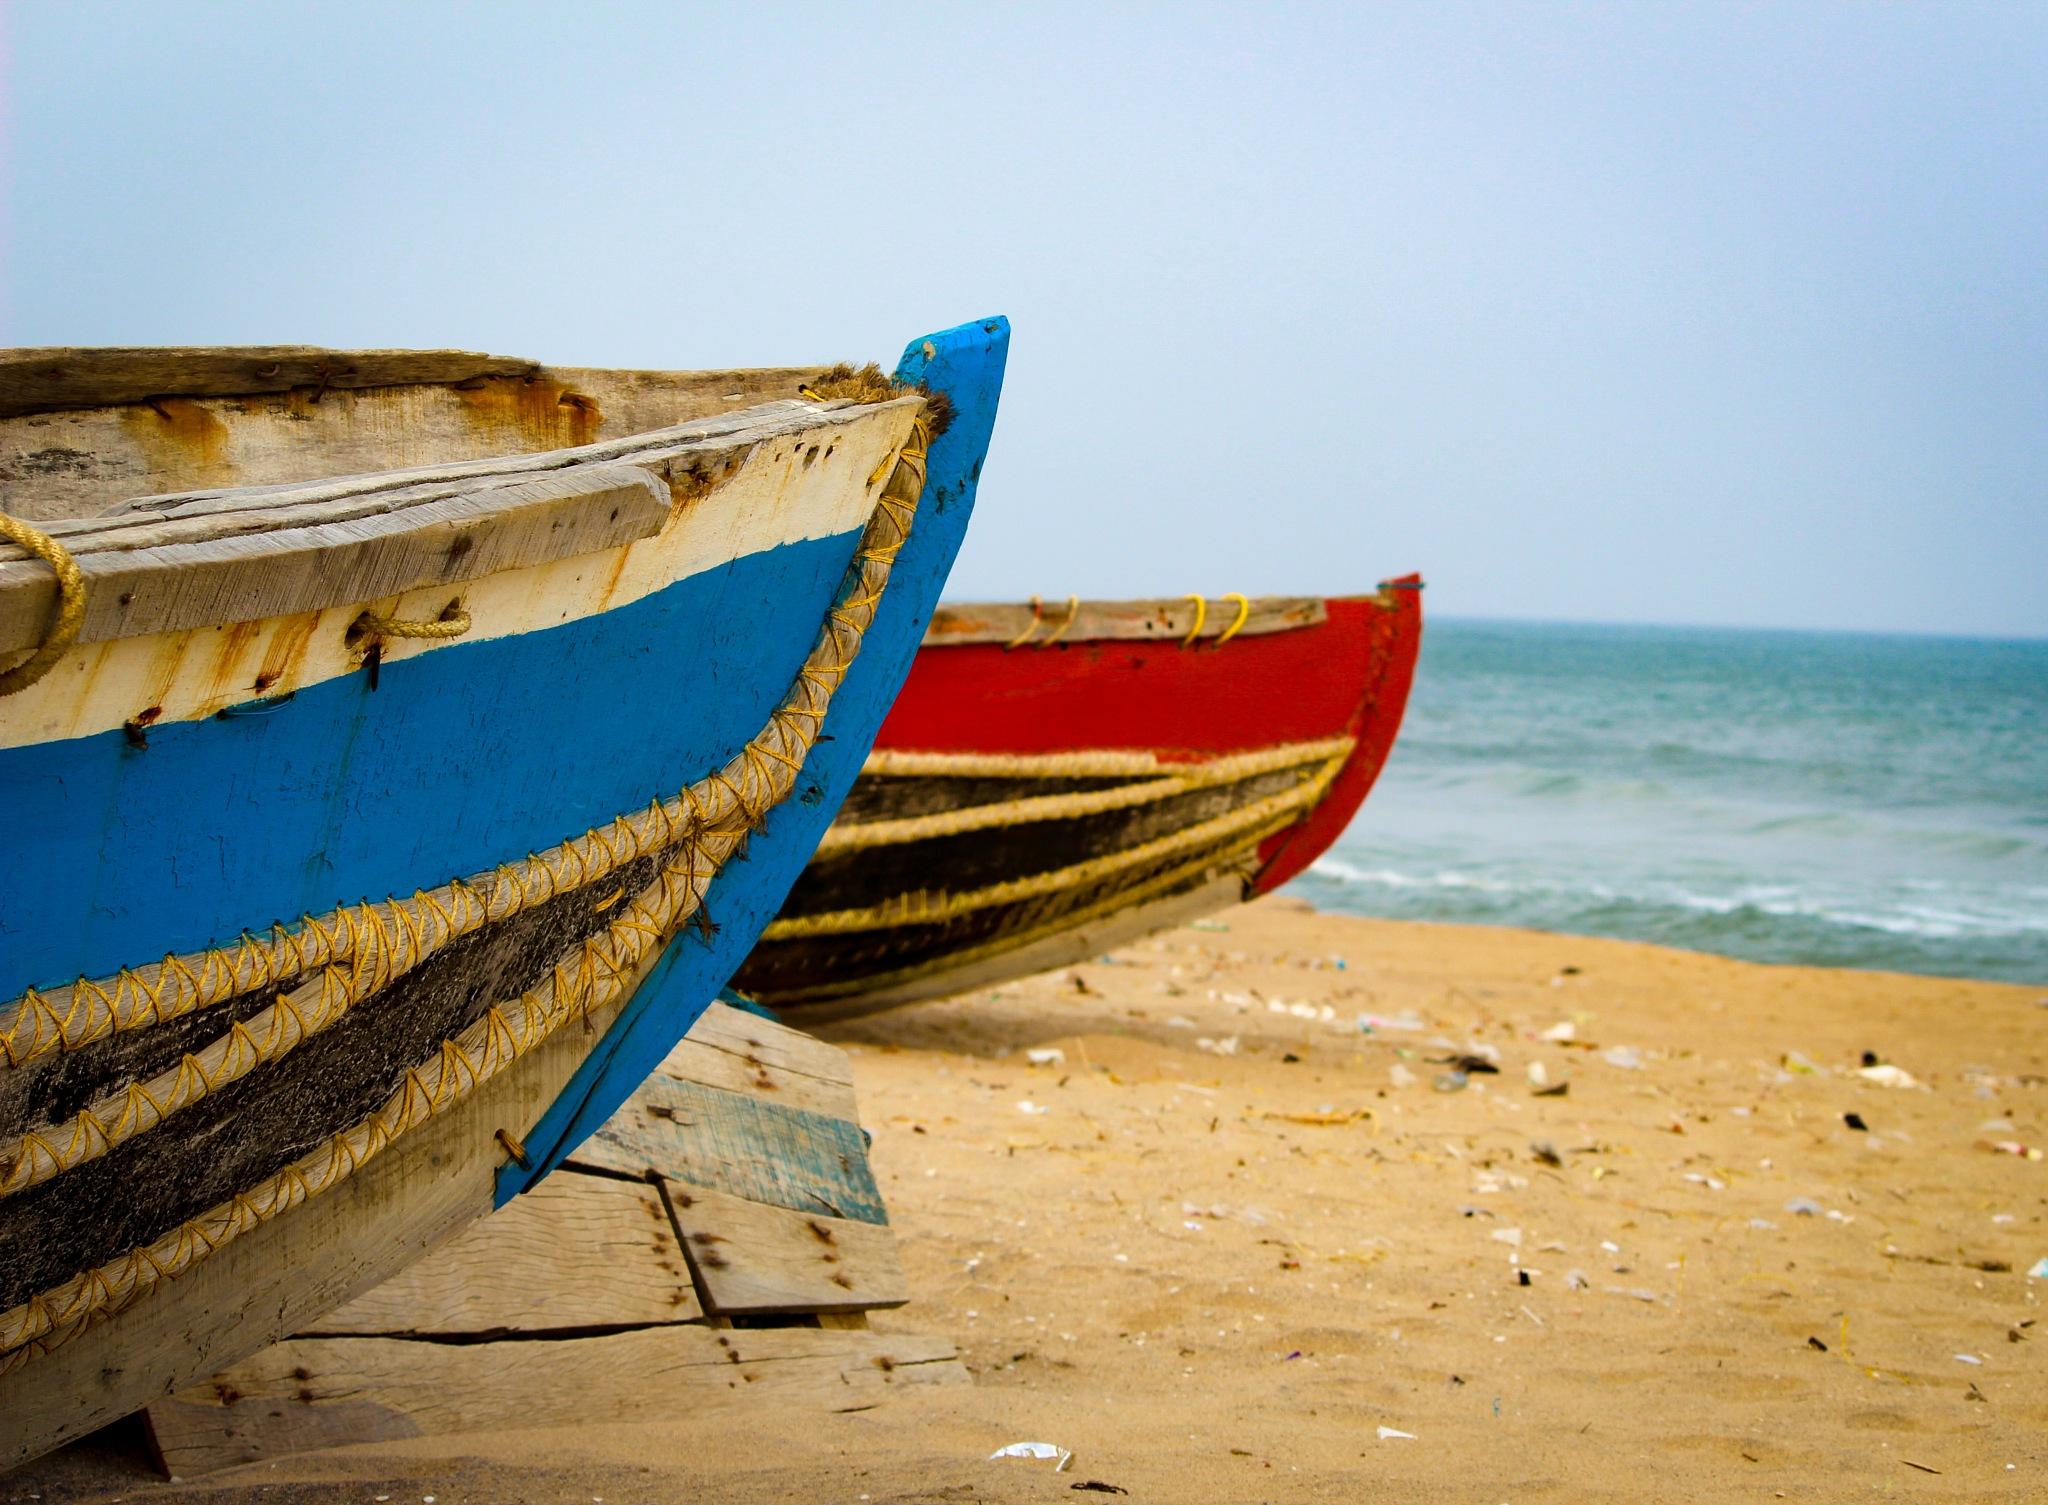 Boats by Deena Lingarajan